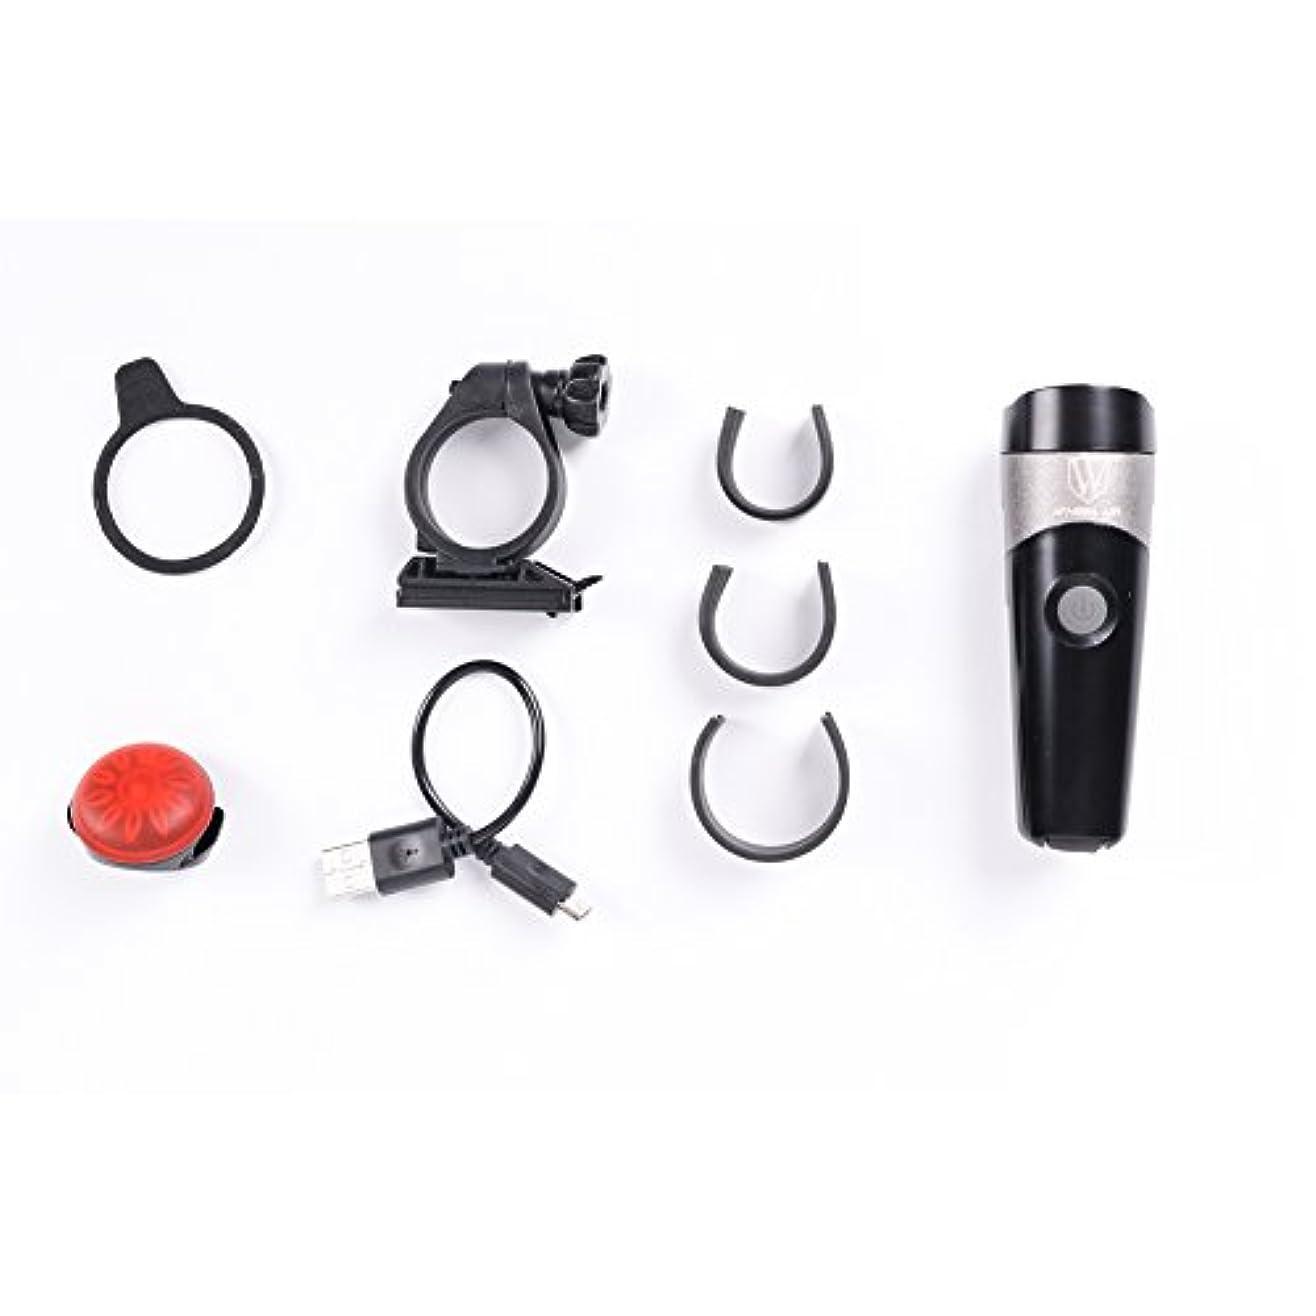 レシピ学ぶ見るExtrbici XC219自転車 テールライト ヘッドライト セット防水機能付 USB充電 ABS/SBS材質